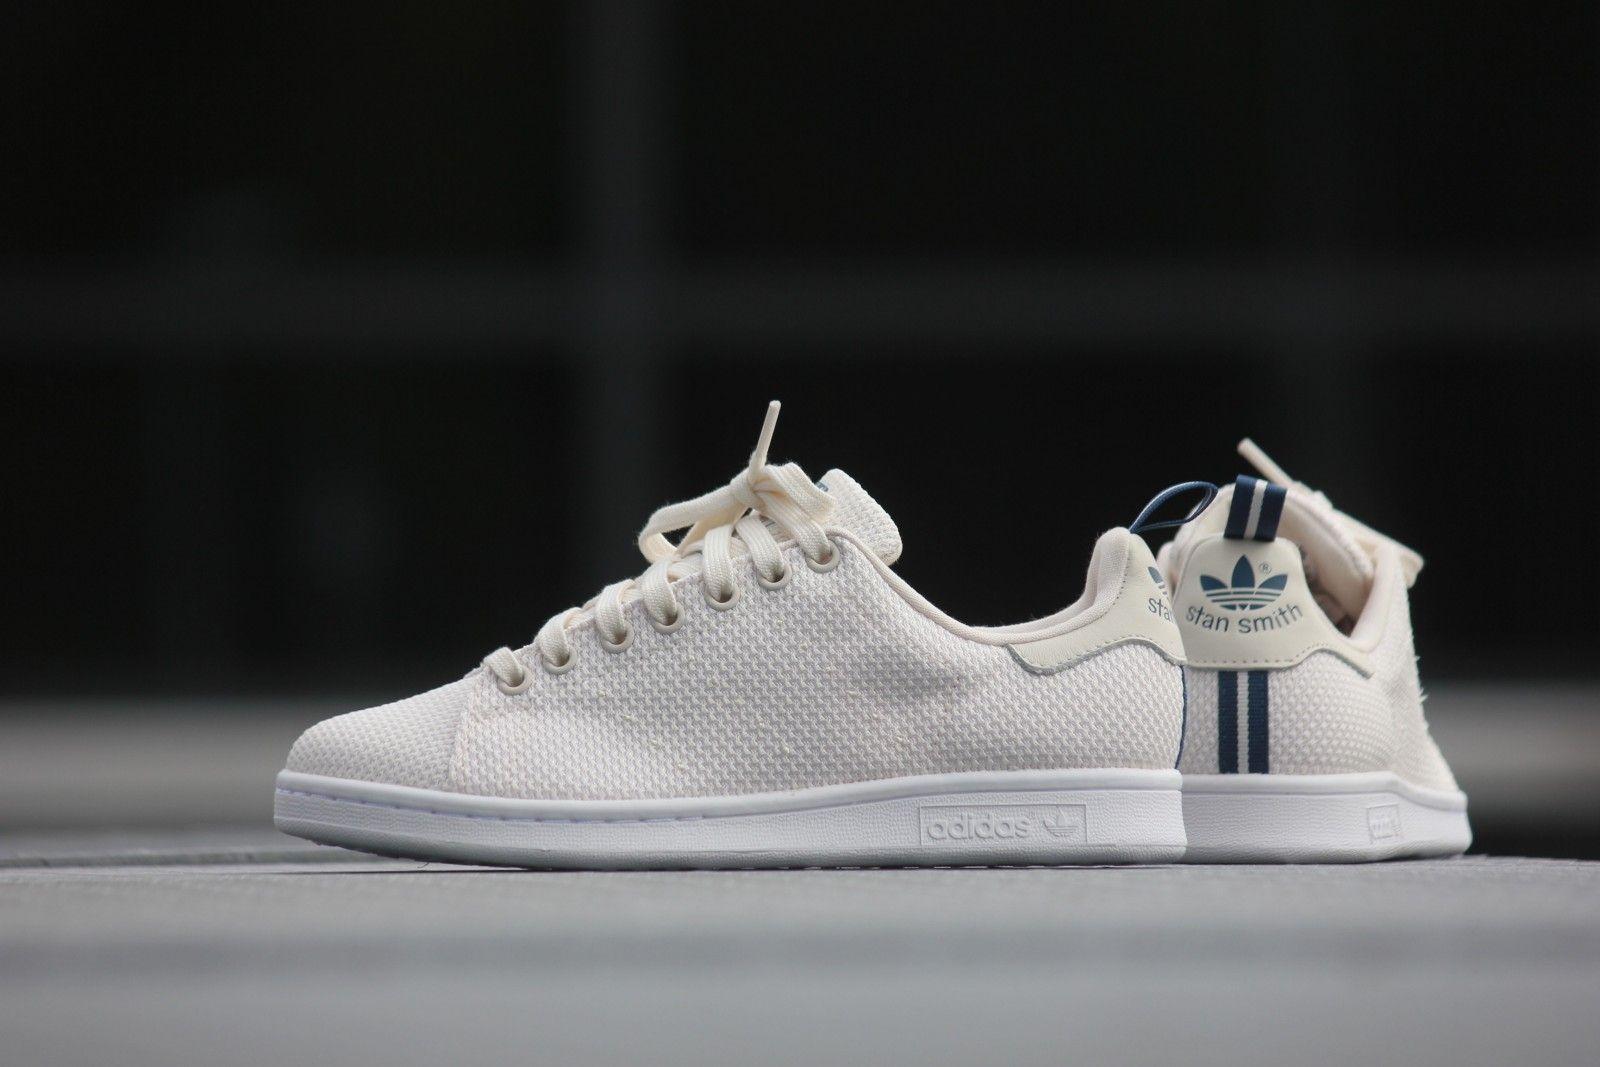 Adidas Stan Smith CK Core blanco zapatos de s75024 Pinterest